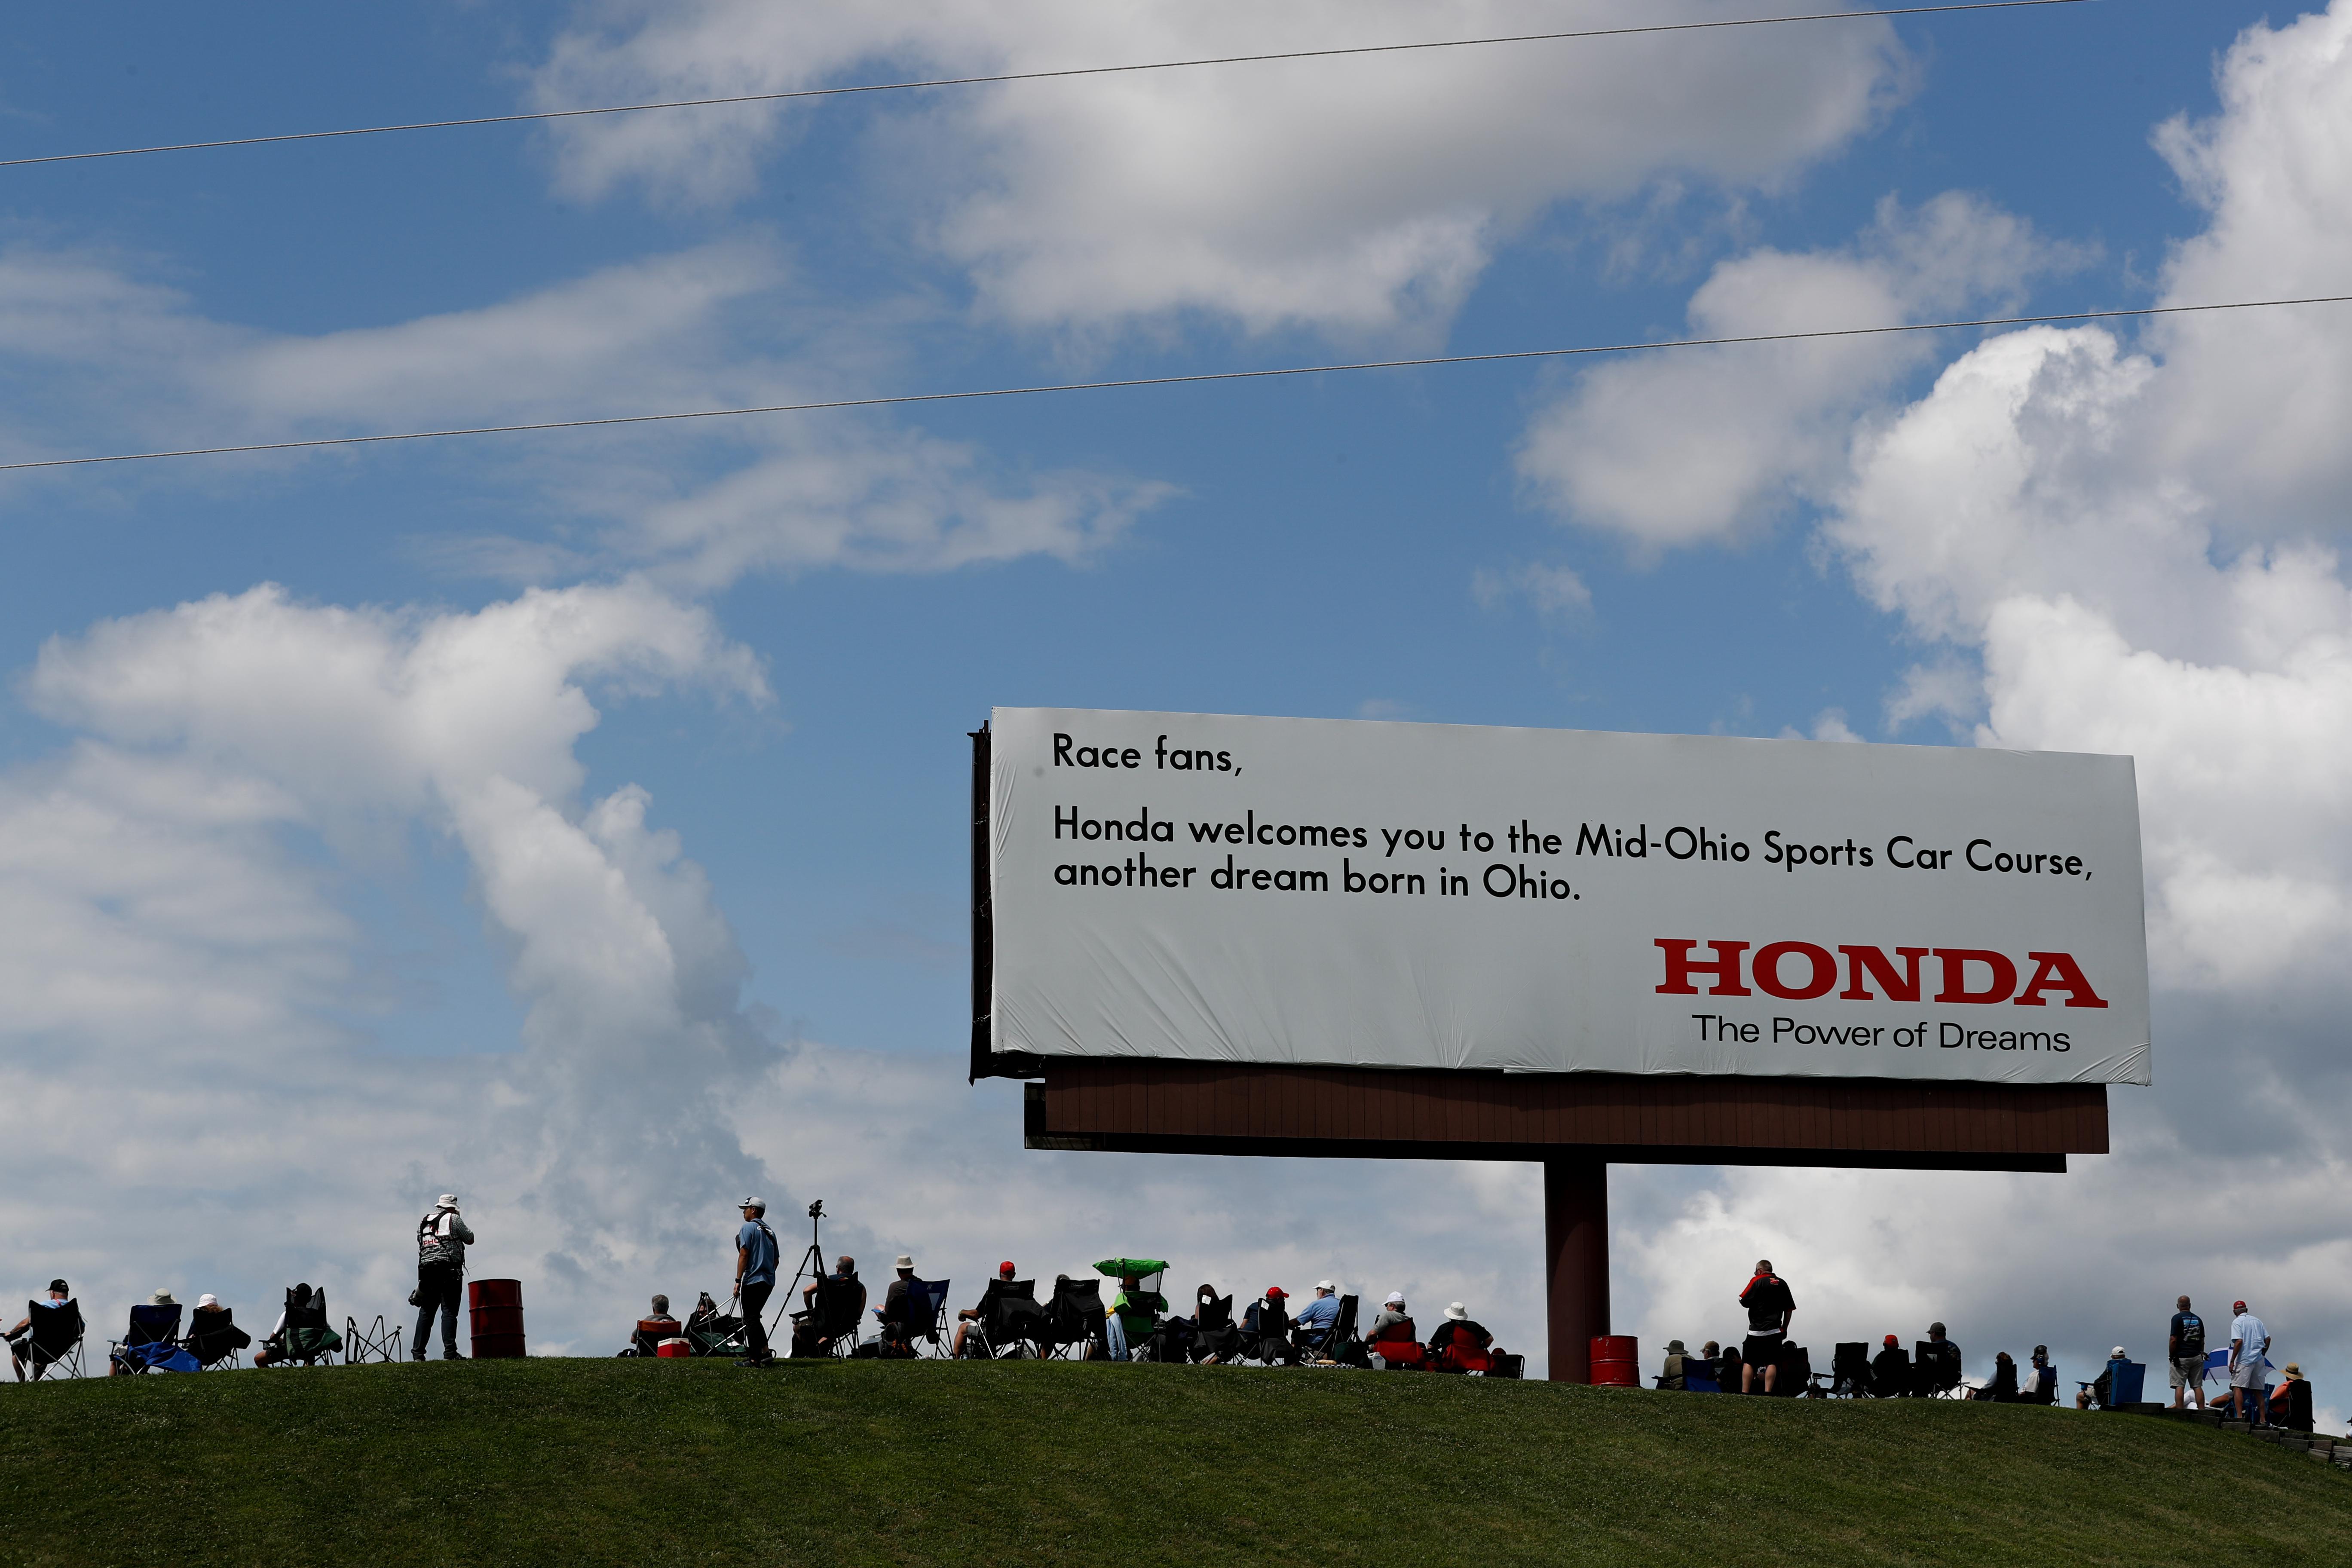 Grande Prêmio de Mid-Ohio é palco da 10ª etapa da IndyCar em 2021